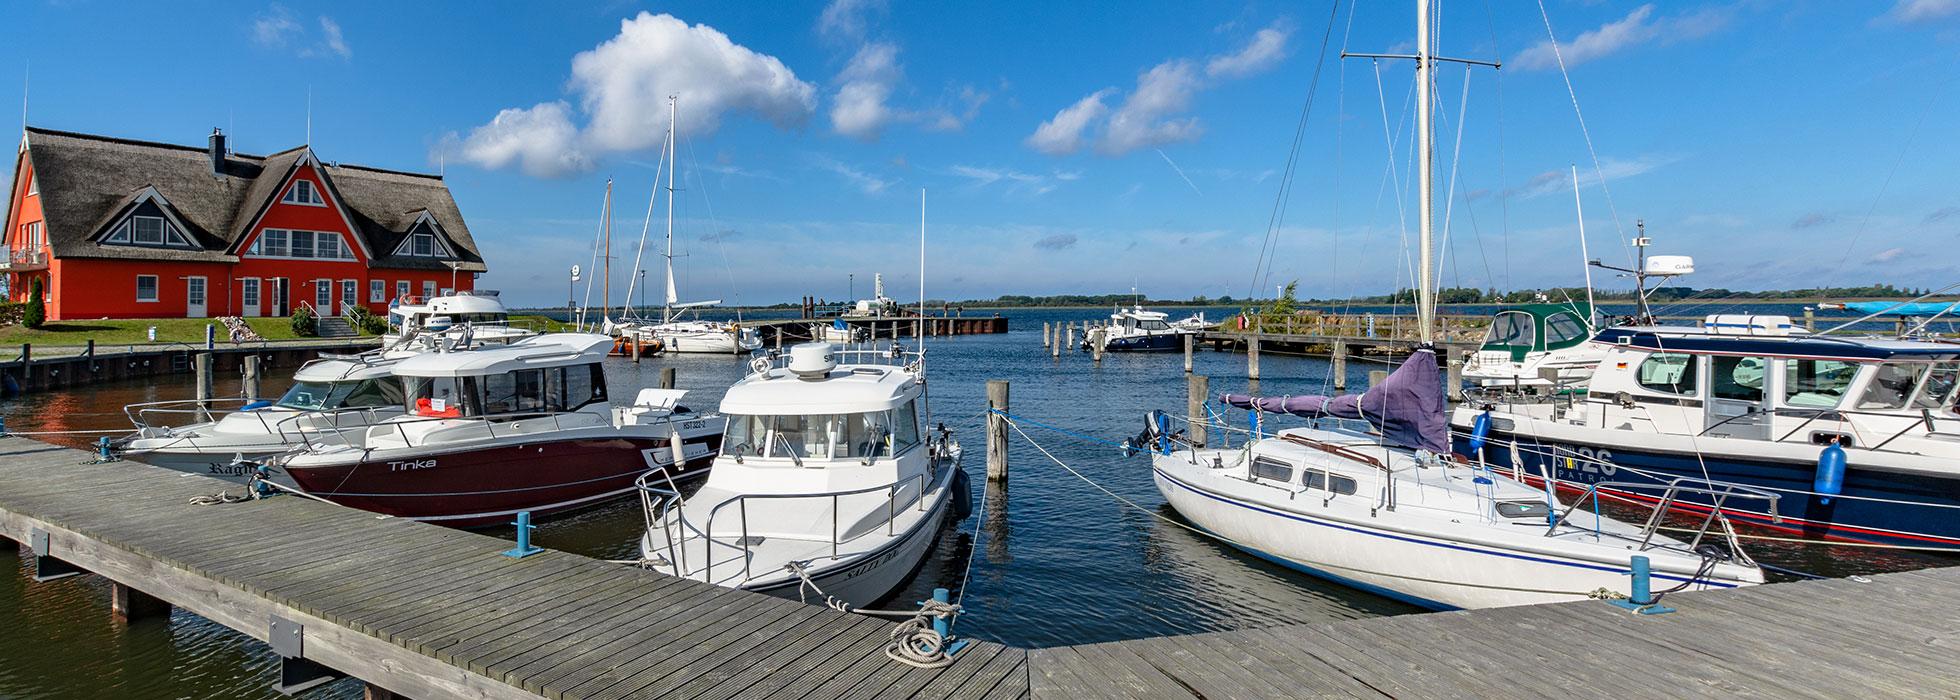 Yachthafen Vieregge zu verkaufen